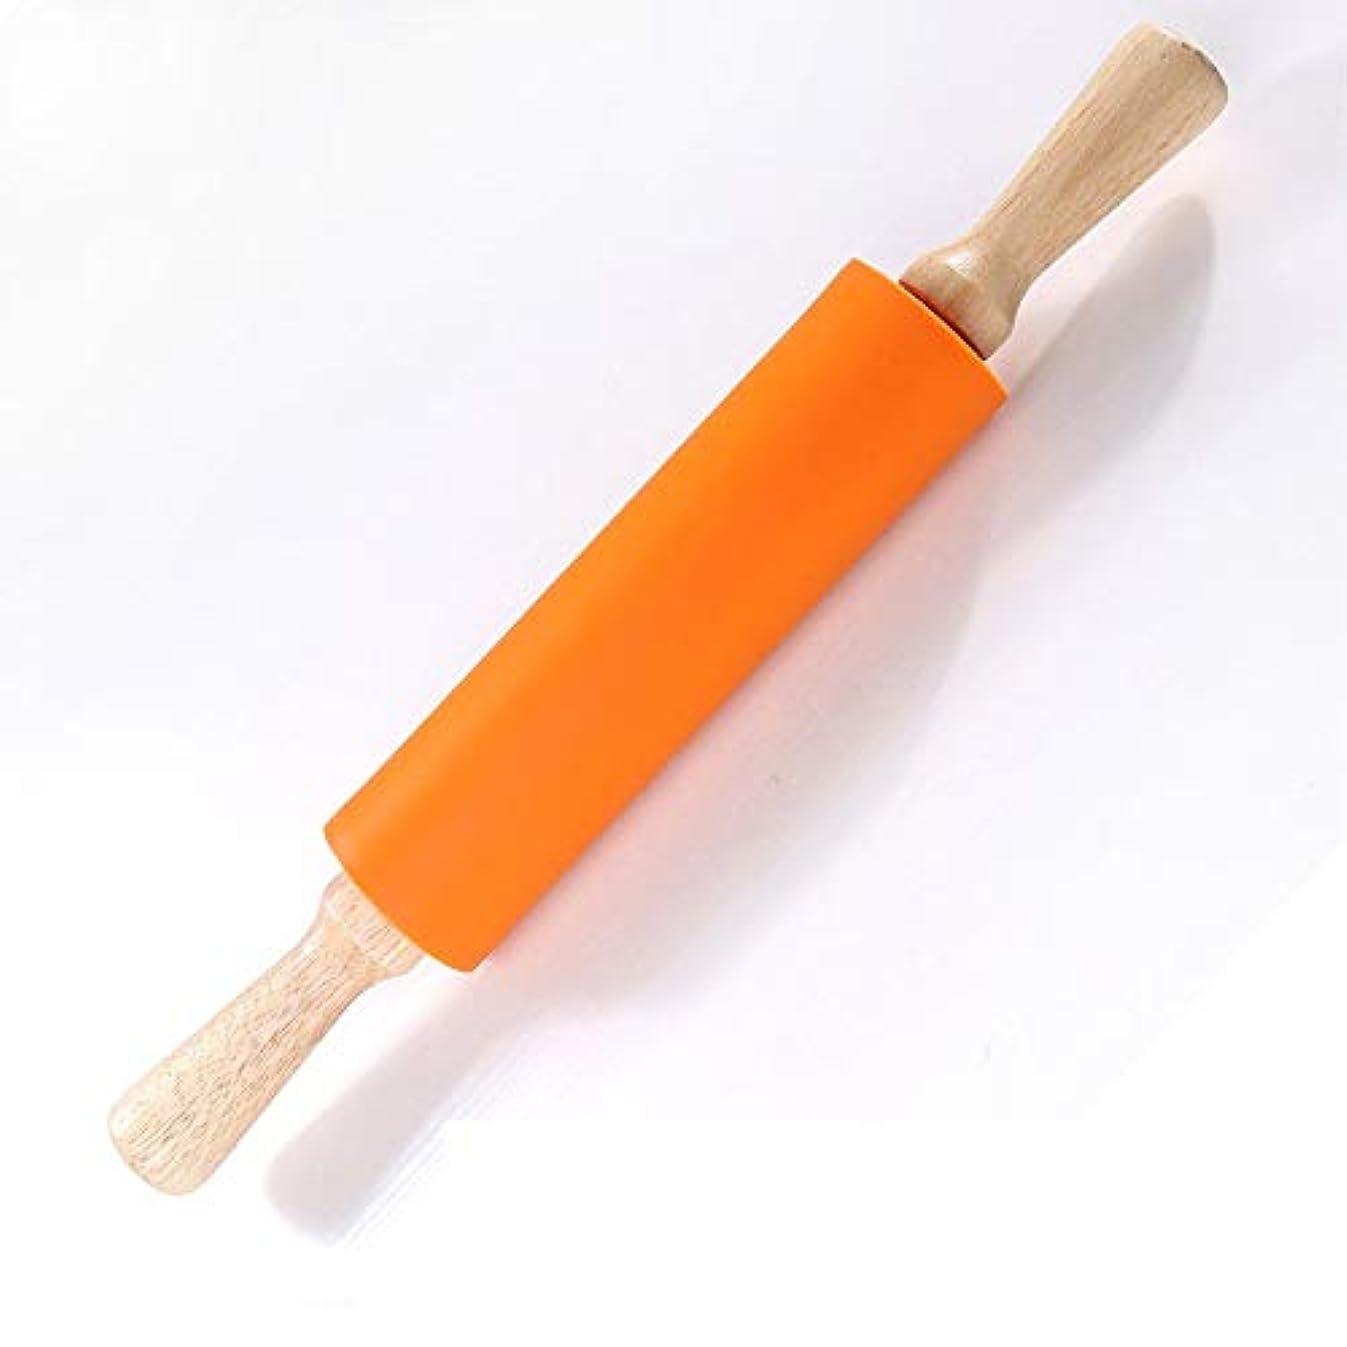 飾る生きている待つ食品グレードのシリコーン麺棒木製ハンドルローラー回転非スティック餃子押し棒ウォーキングハンマー木製ハンドル-オレンジ-L